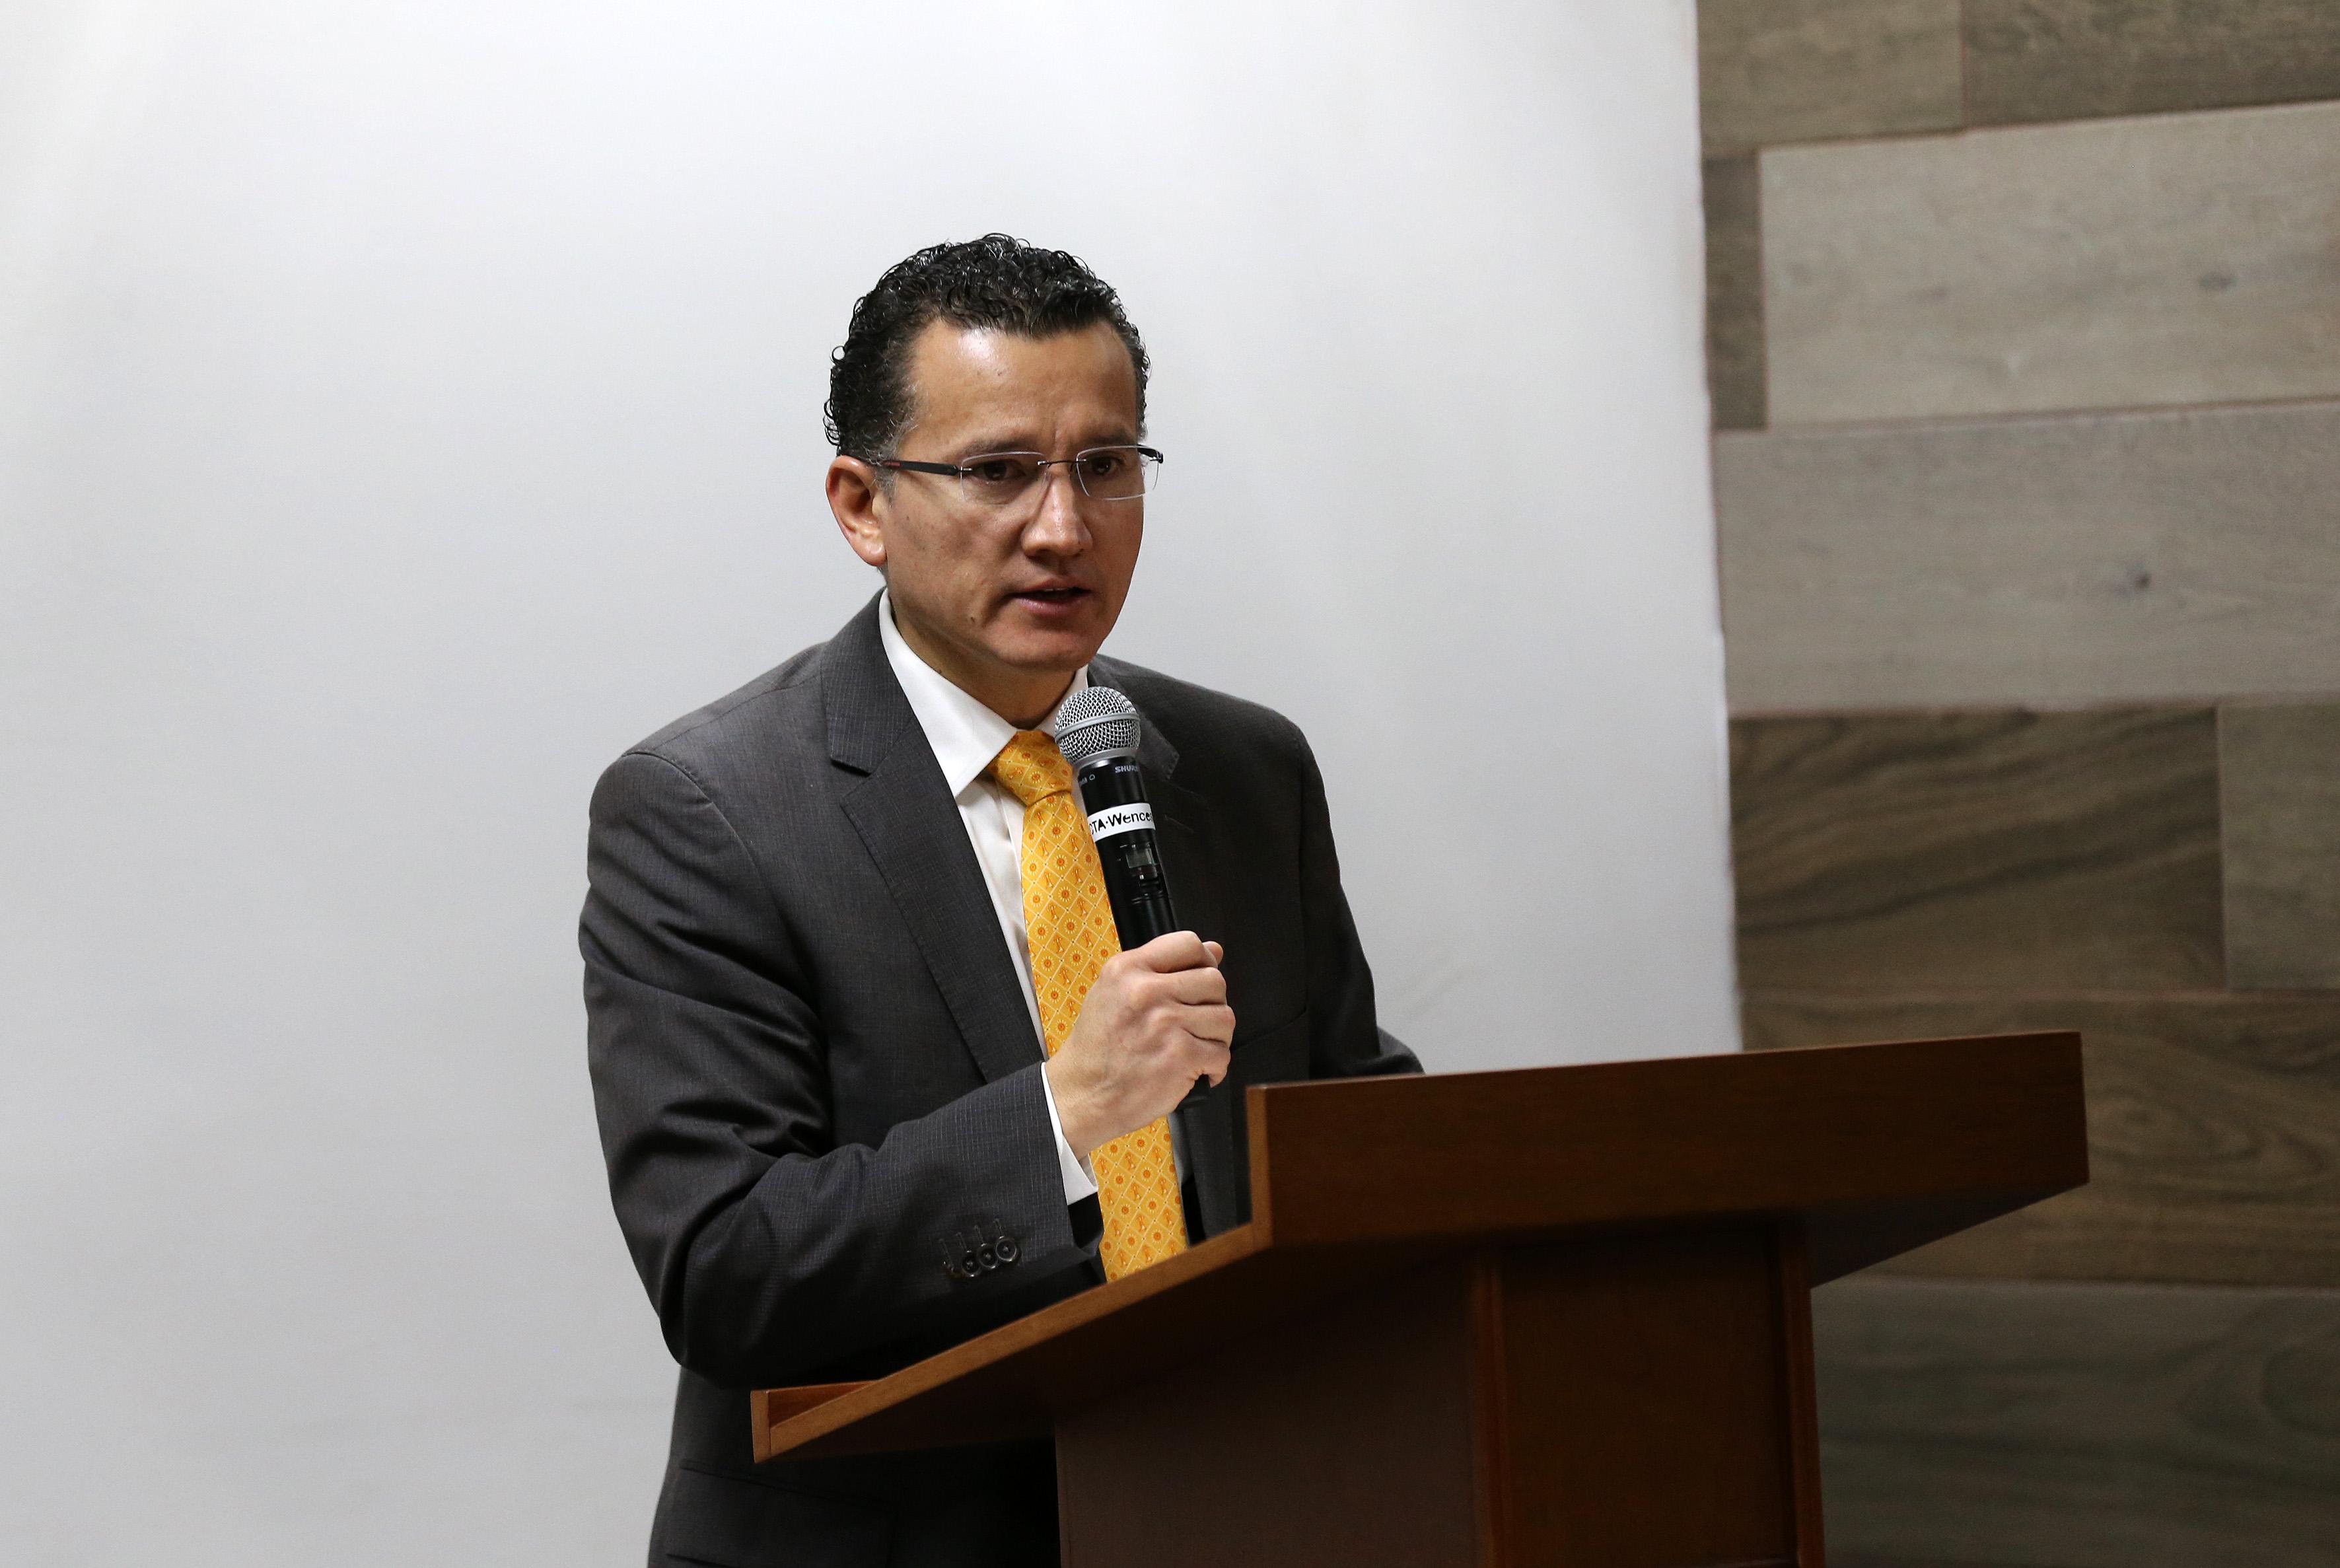 Dr. Eduardo Gómez dando la bienvenida a los asistentes